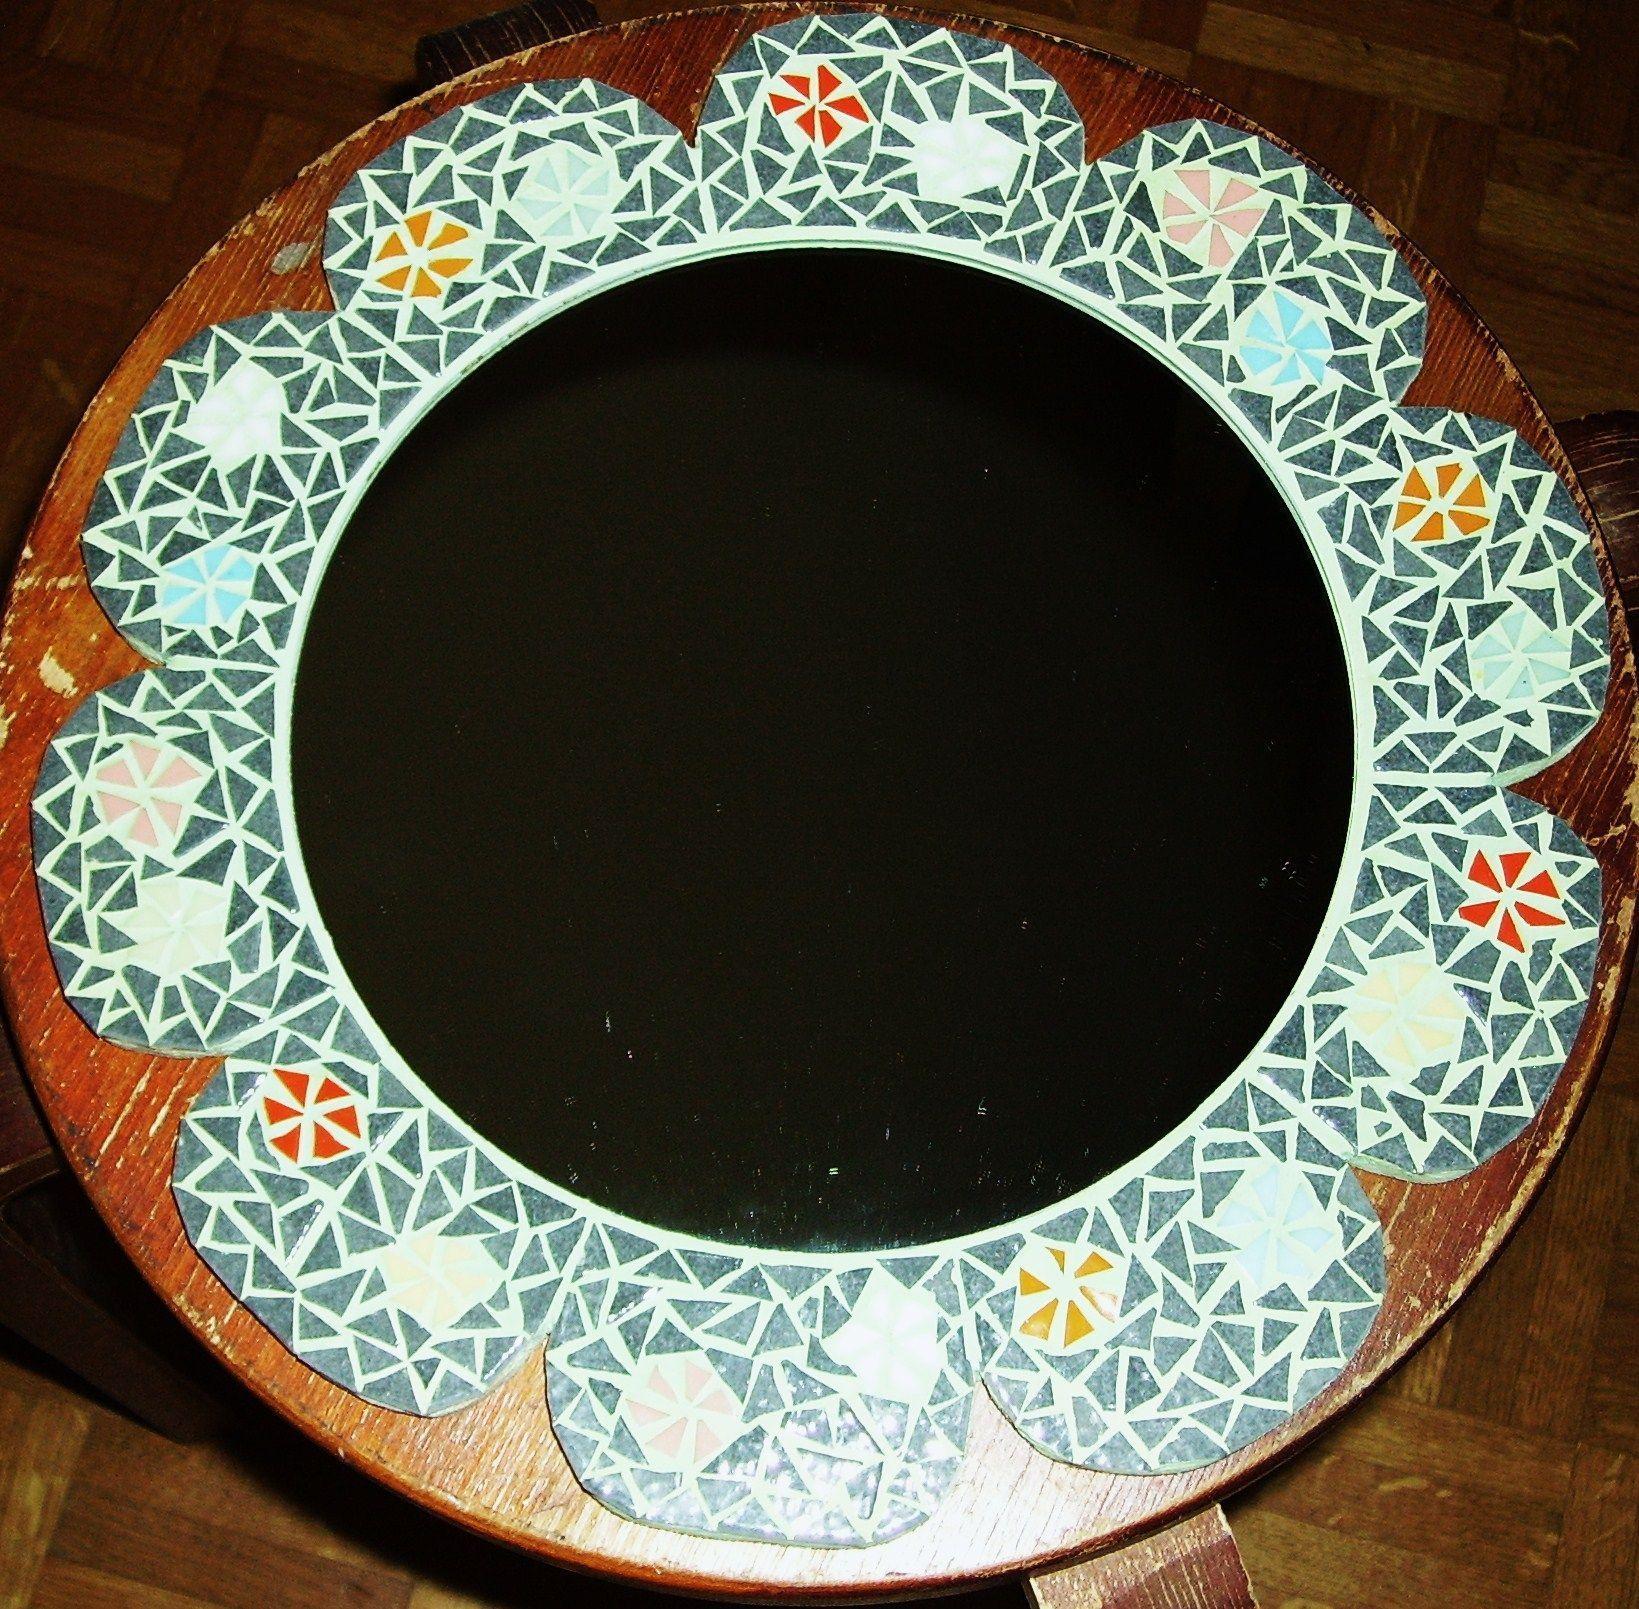 Miroir mosaique rond forme fleur for Miroir rond mosaique